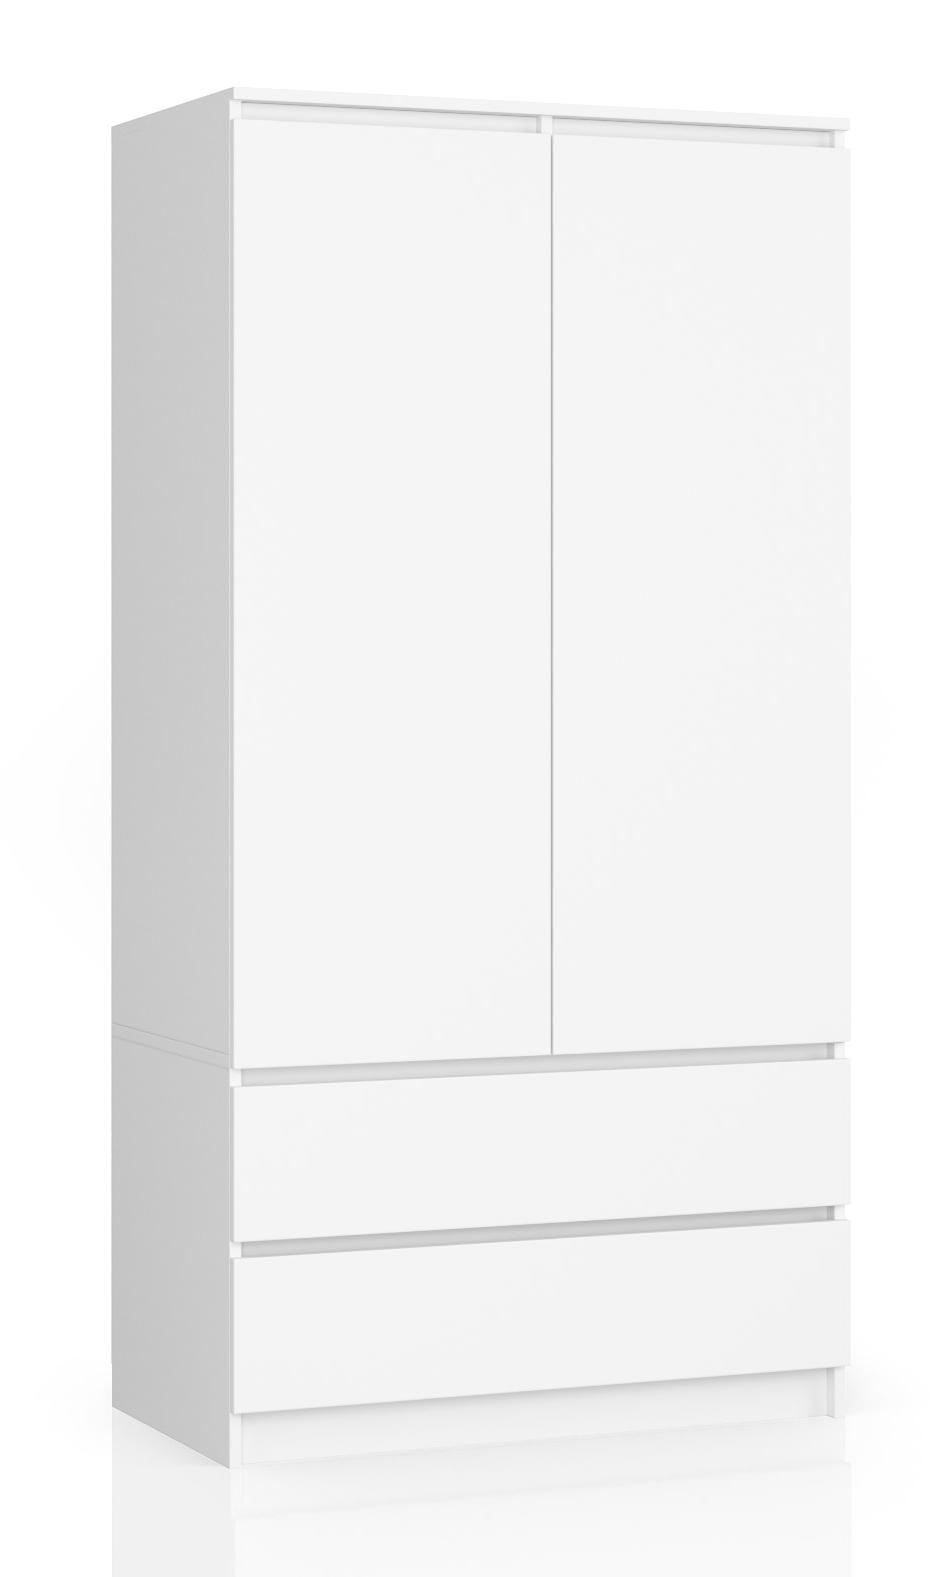 SZAFA GARDEROBA S 90cm 2D 2SZ BIAŁA NOWOCZESNA Kolor frontów biały